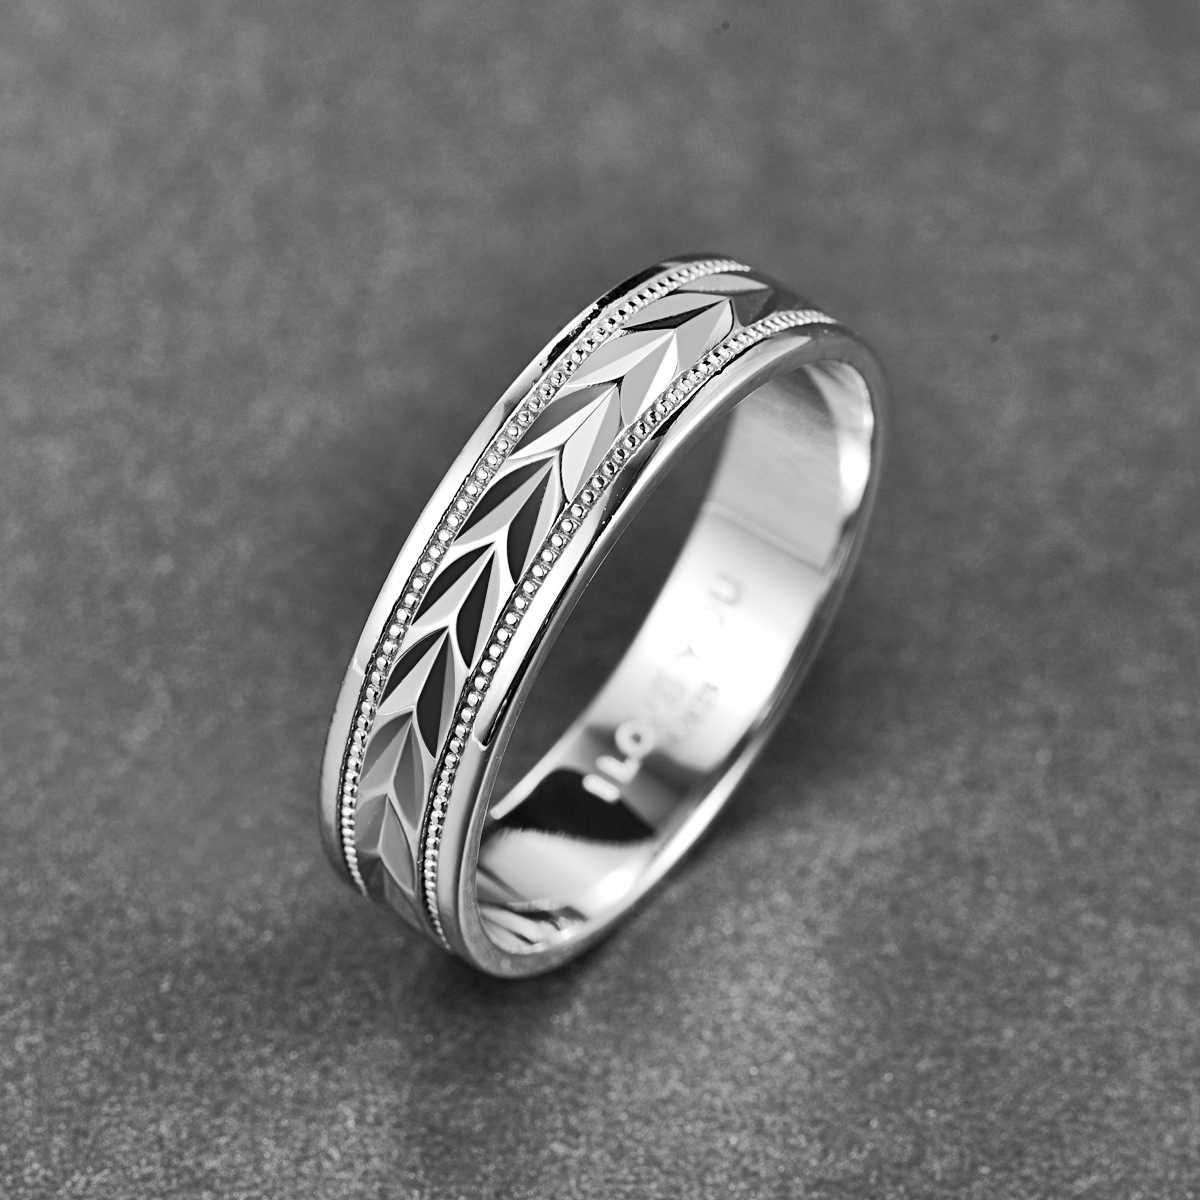 فضة الأخدود أوراق خواتم للنساء الرجال الفضة اللون نقش أحبك حلقة الزركون عصابة المجوهرات هدية